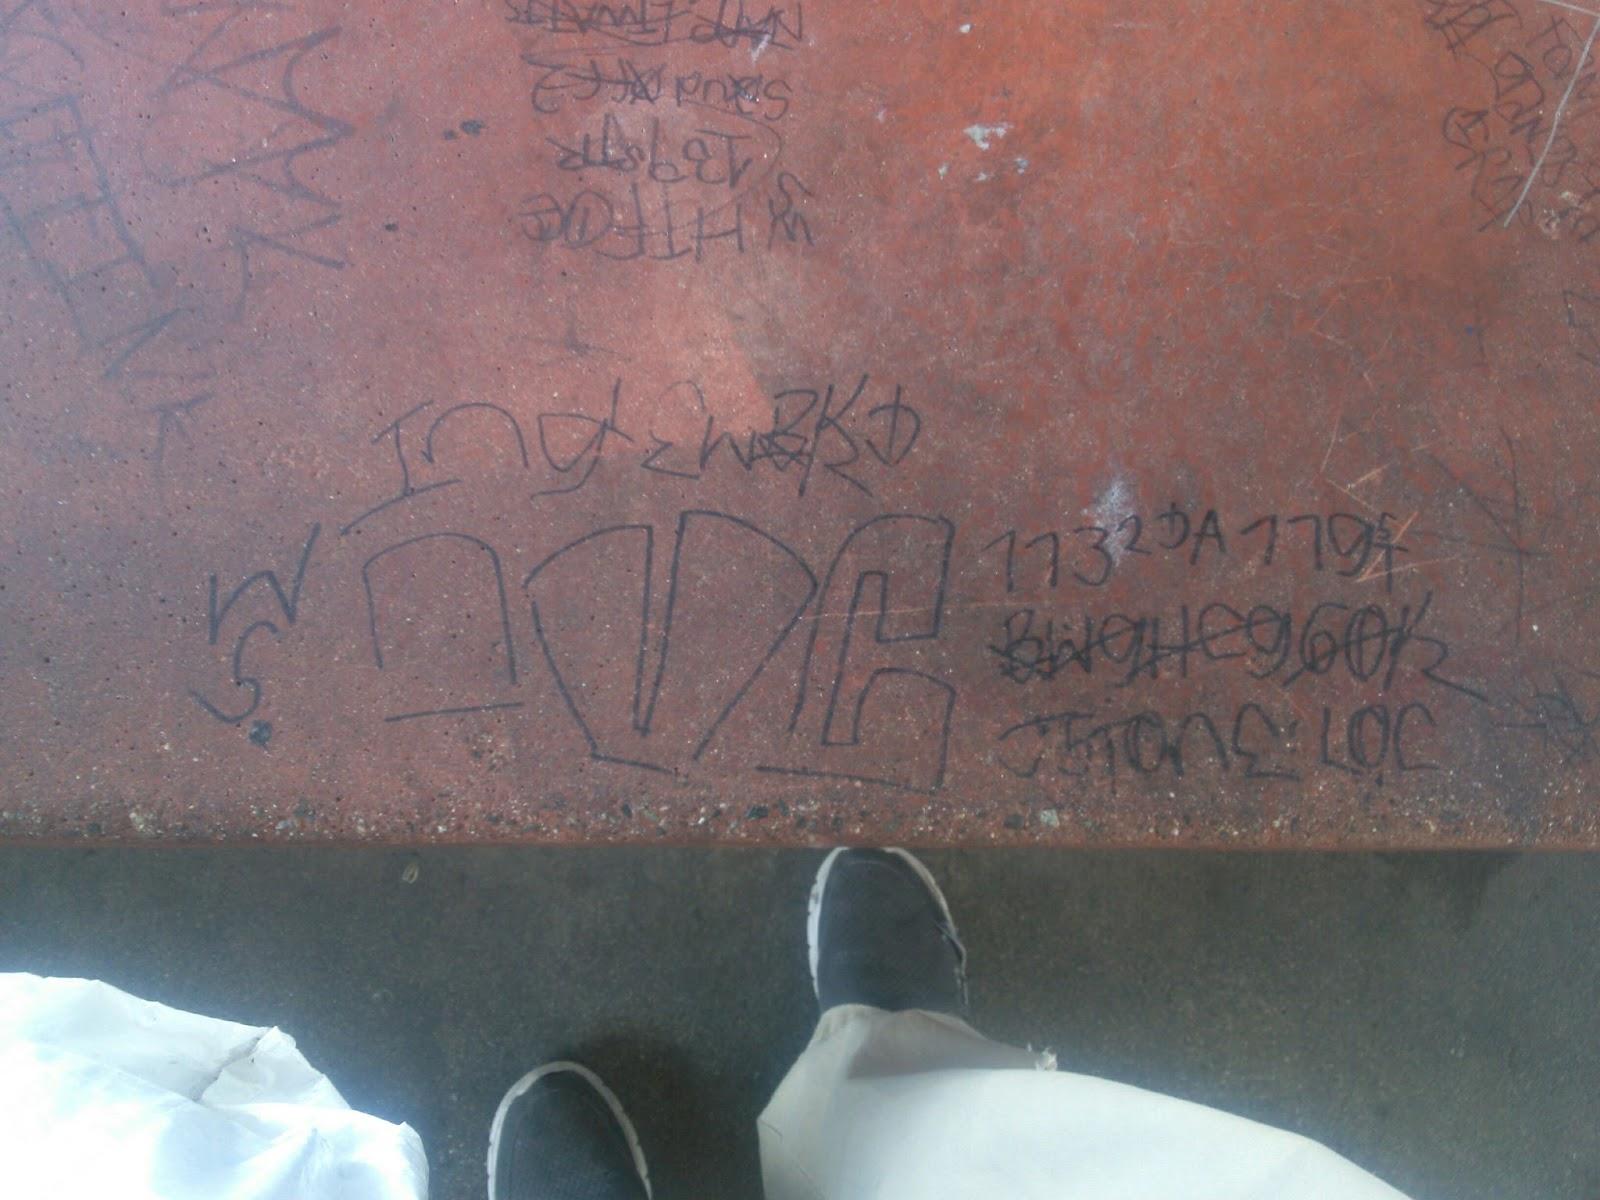 crip gangs graffiti: Imperial village crip